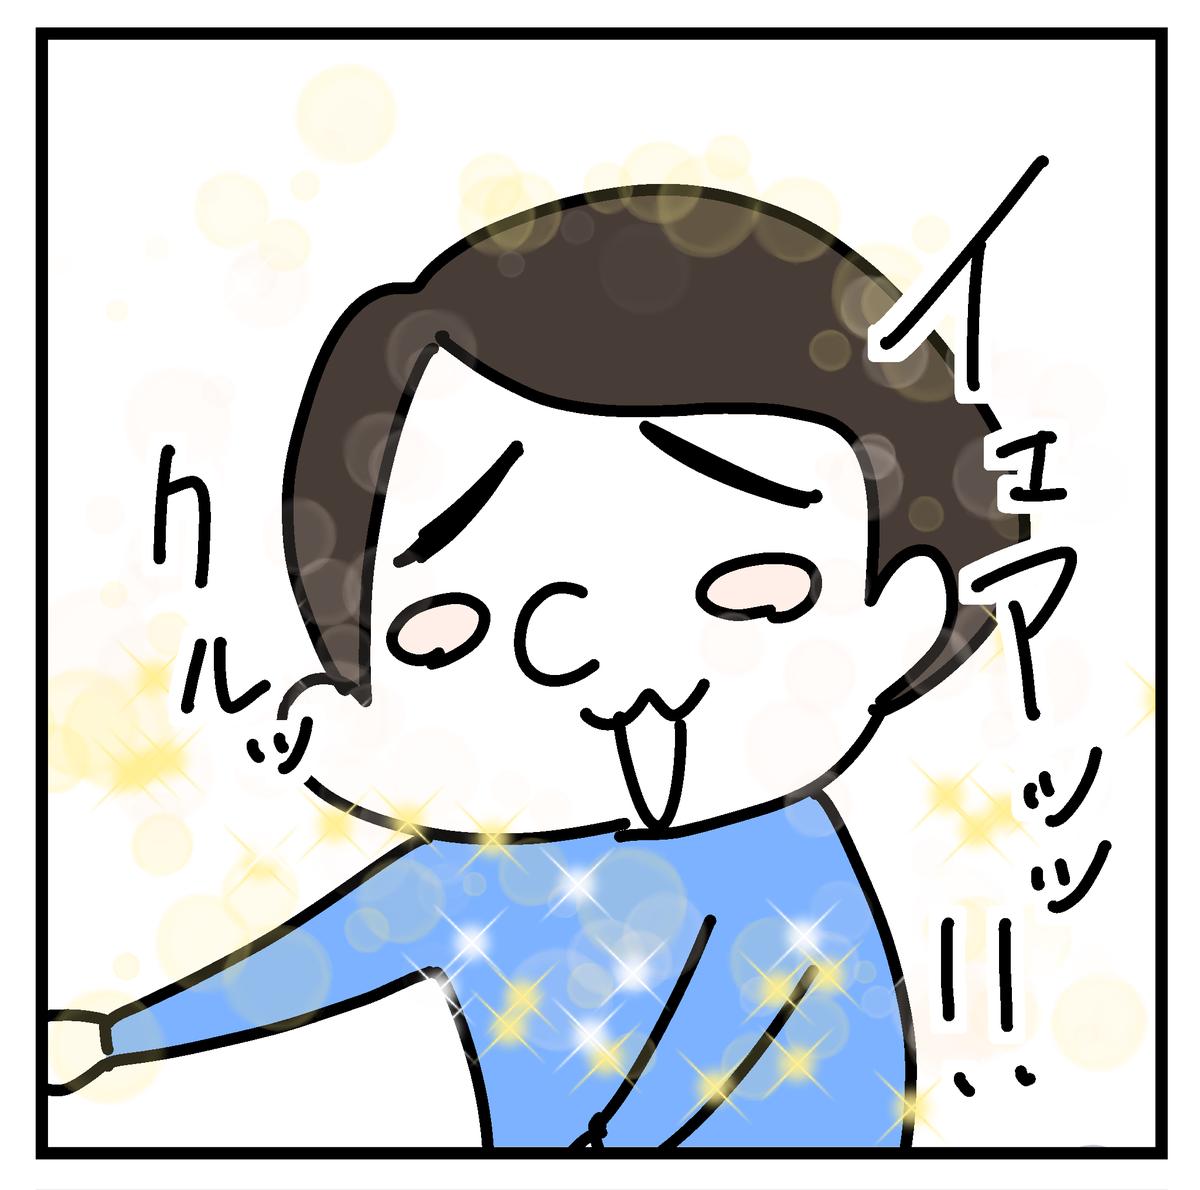 f:id:YuruFuwaTa:20200609102020p:plain